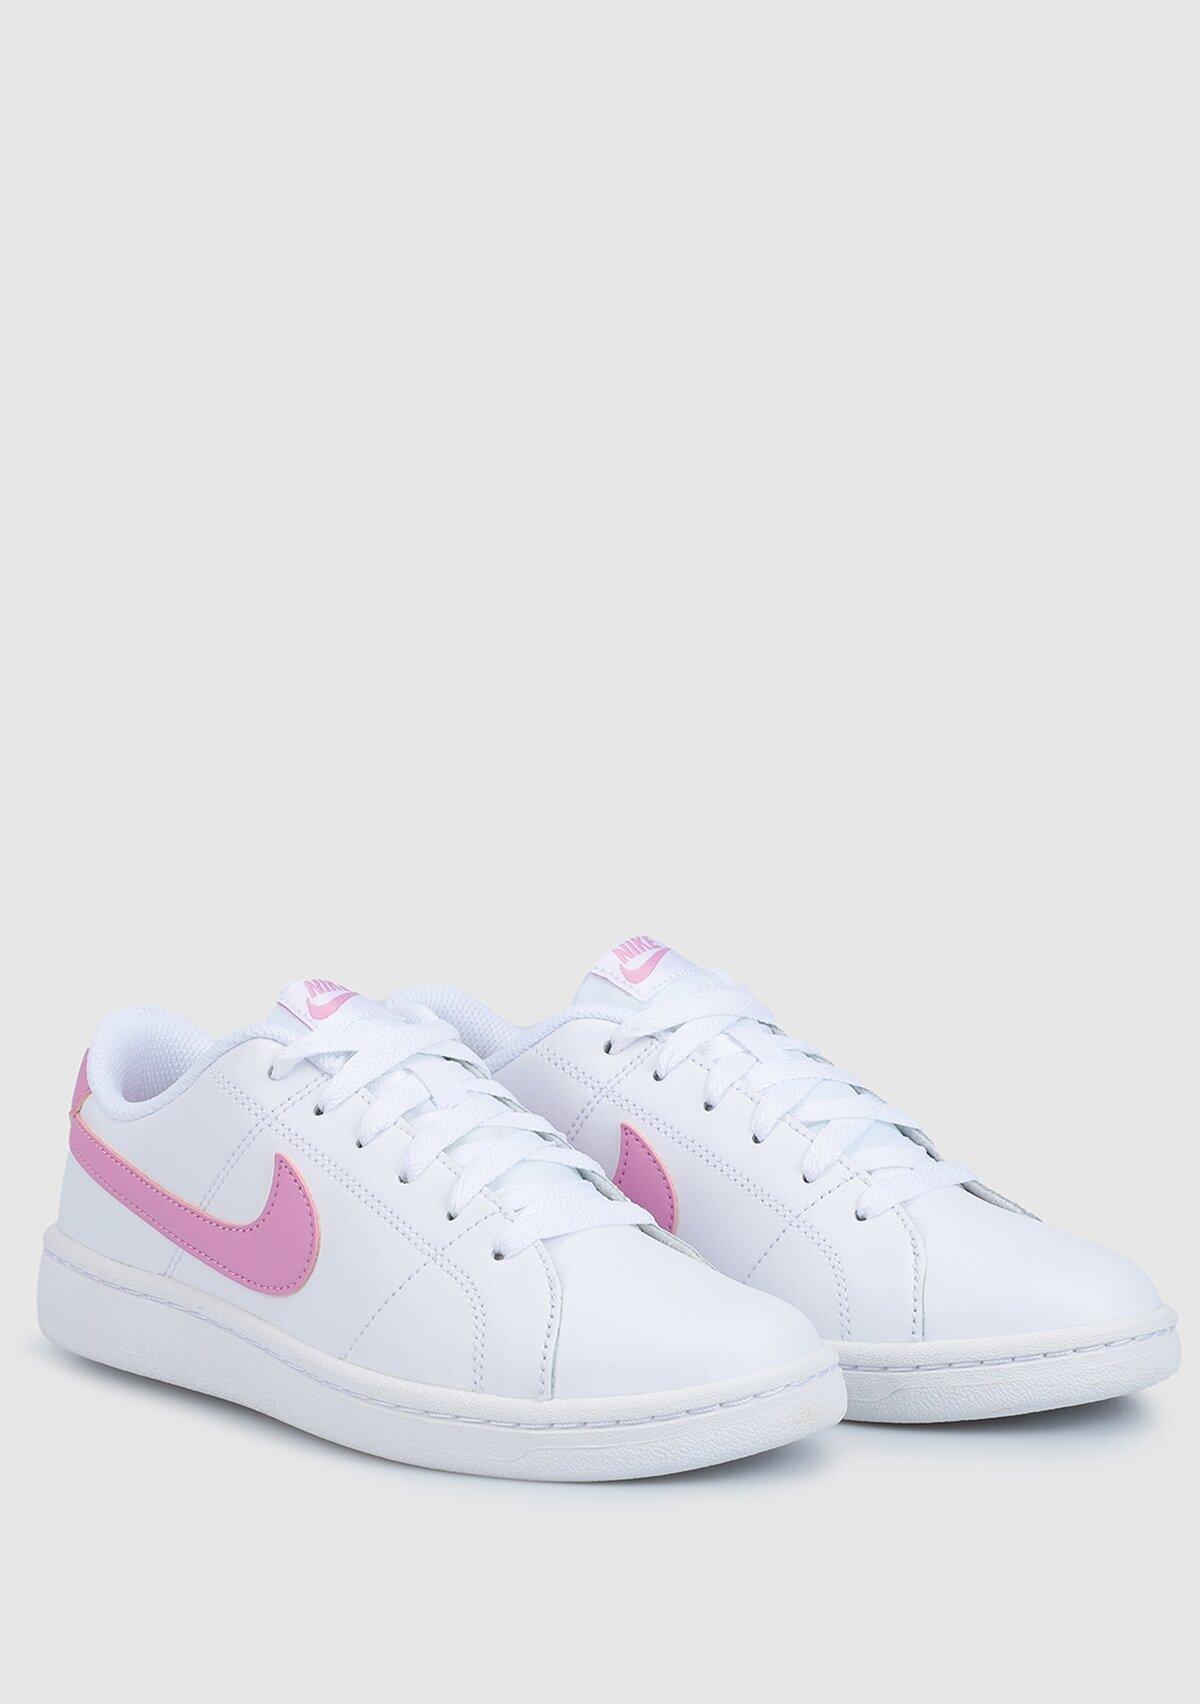 resm Court Royale 2 Beyaz Kadın Tenis Ayakkabısı Cu9038